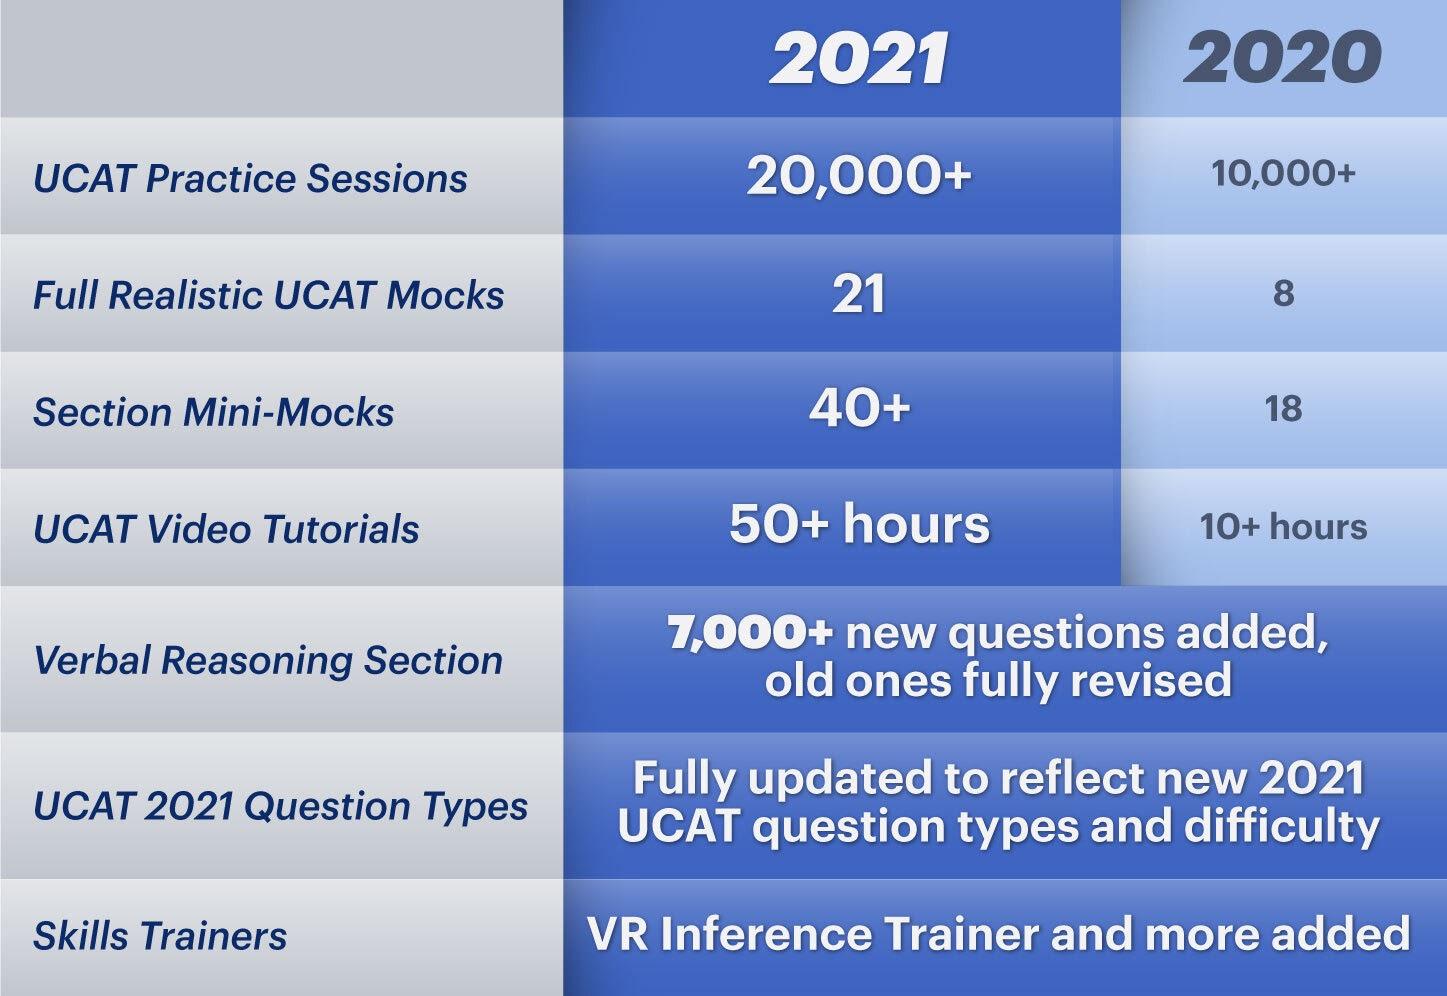 Medify's UCAT Online Course features